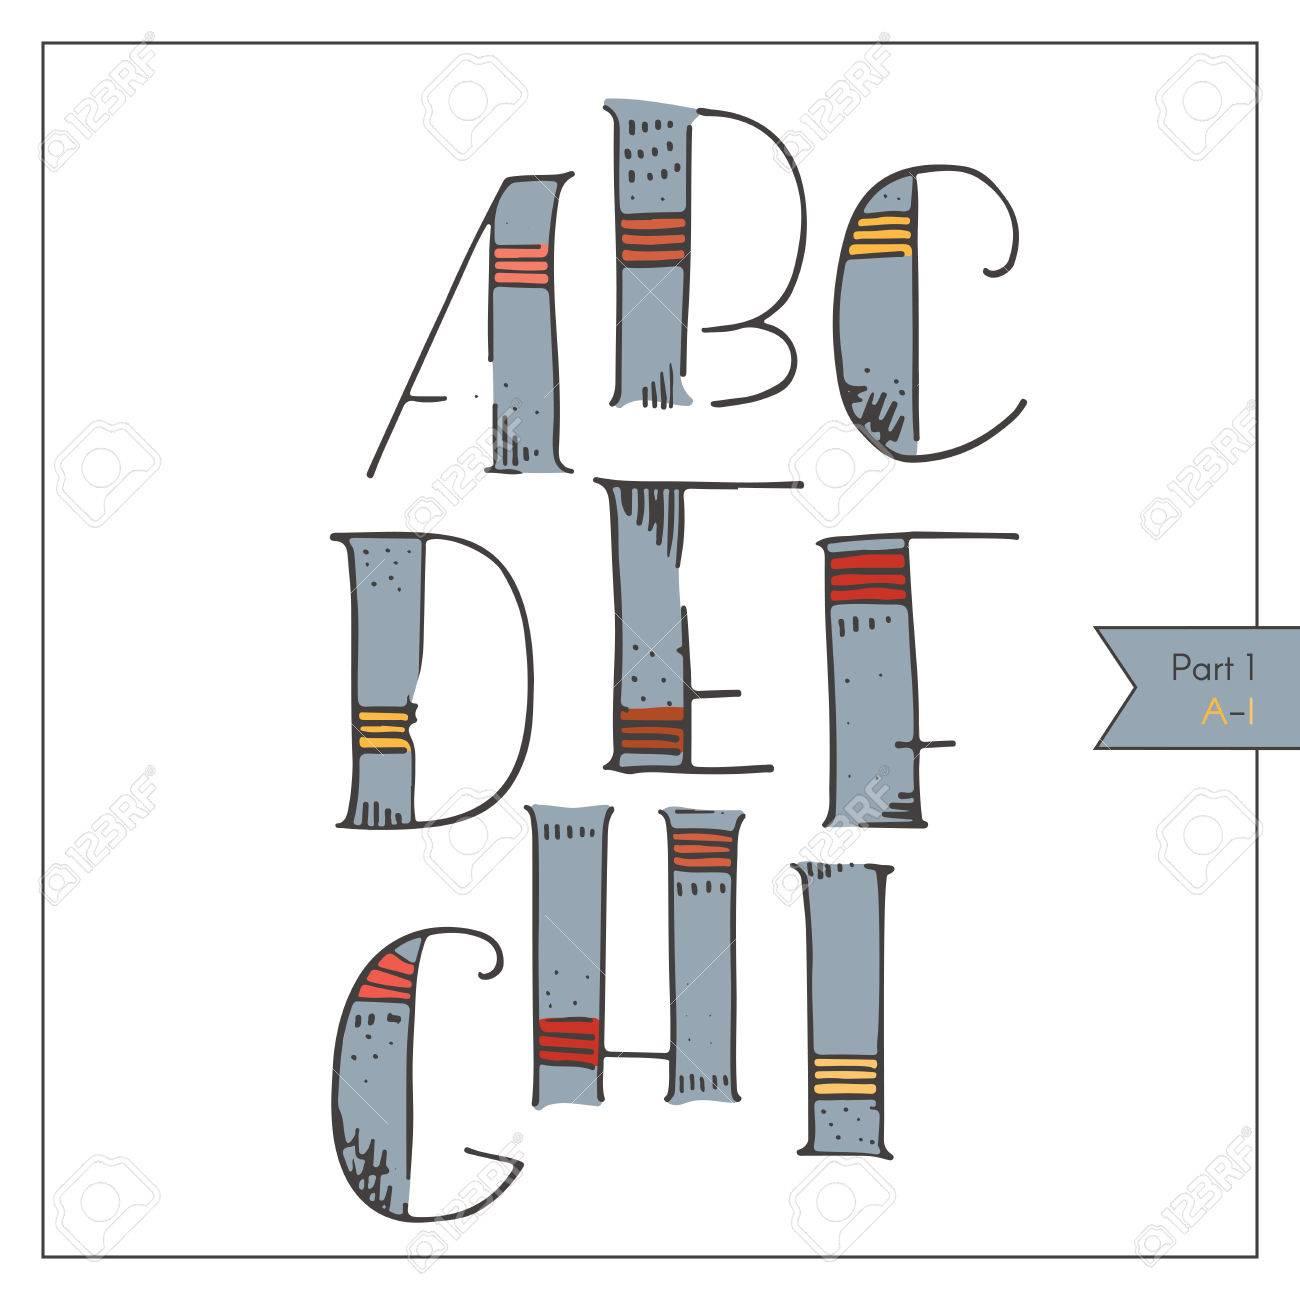 Anglais Hand Alphabet Dessiné Génial, Décoré Et Coloré Pour Le Lettrage Ou  Le Design. Coups Rouge Et Jaune Sur Bleu Décoration, Éclos Et En à Alphabet En Pointillé A Imprimer